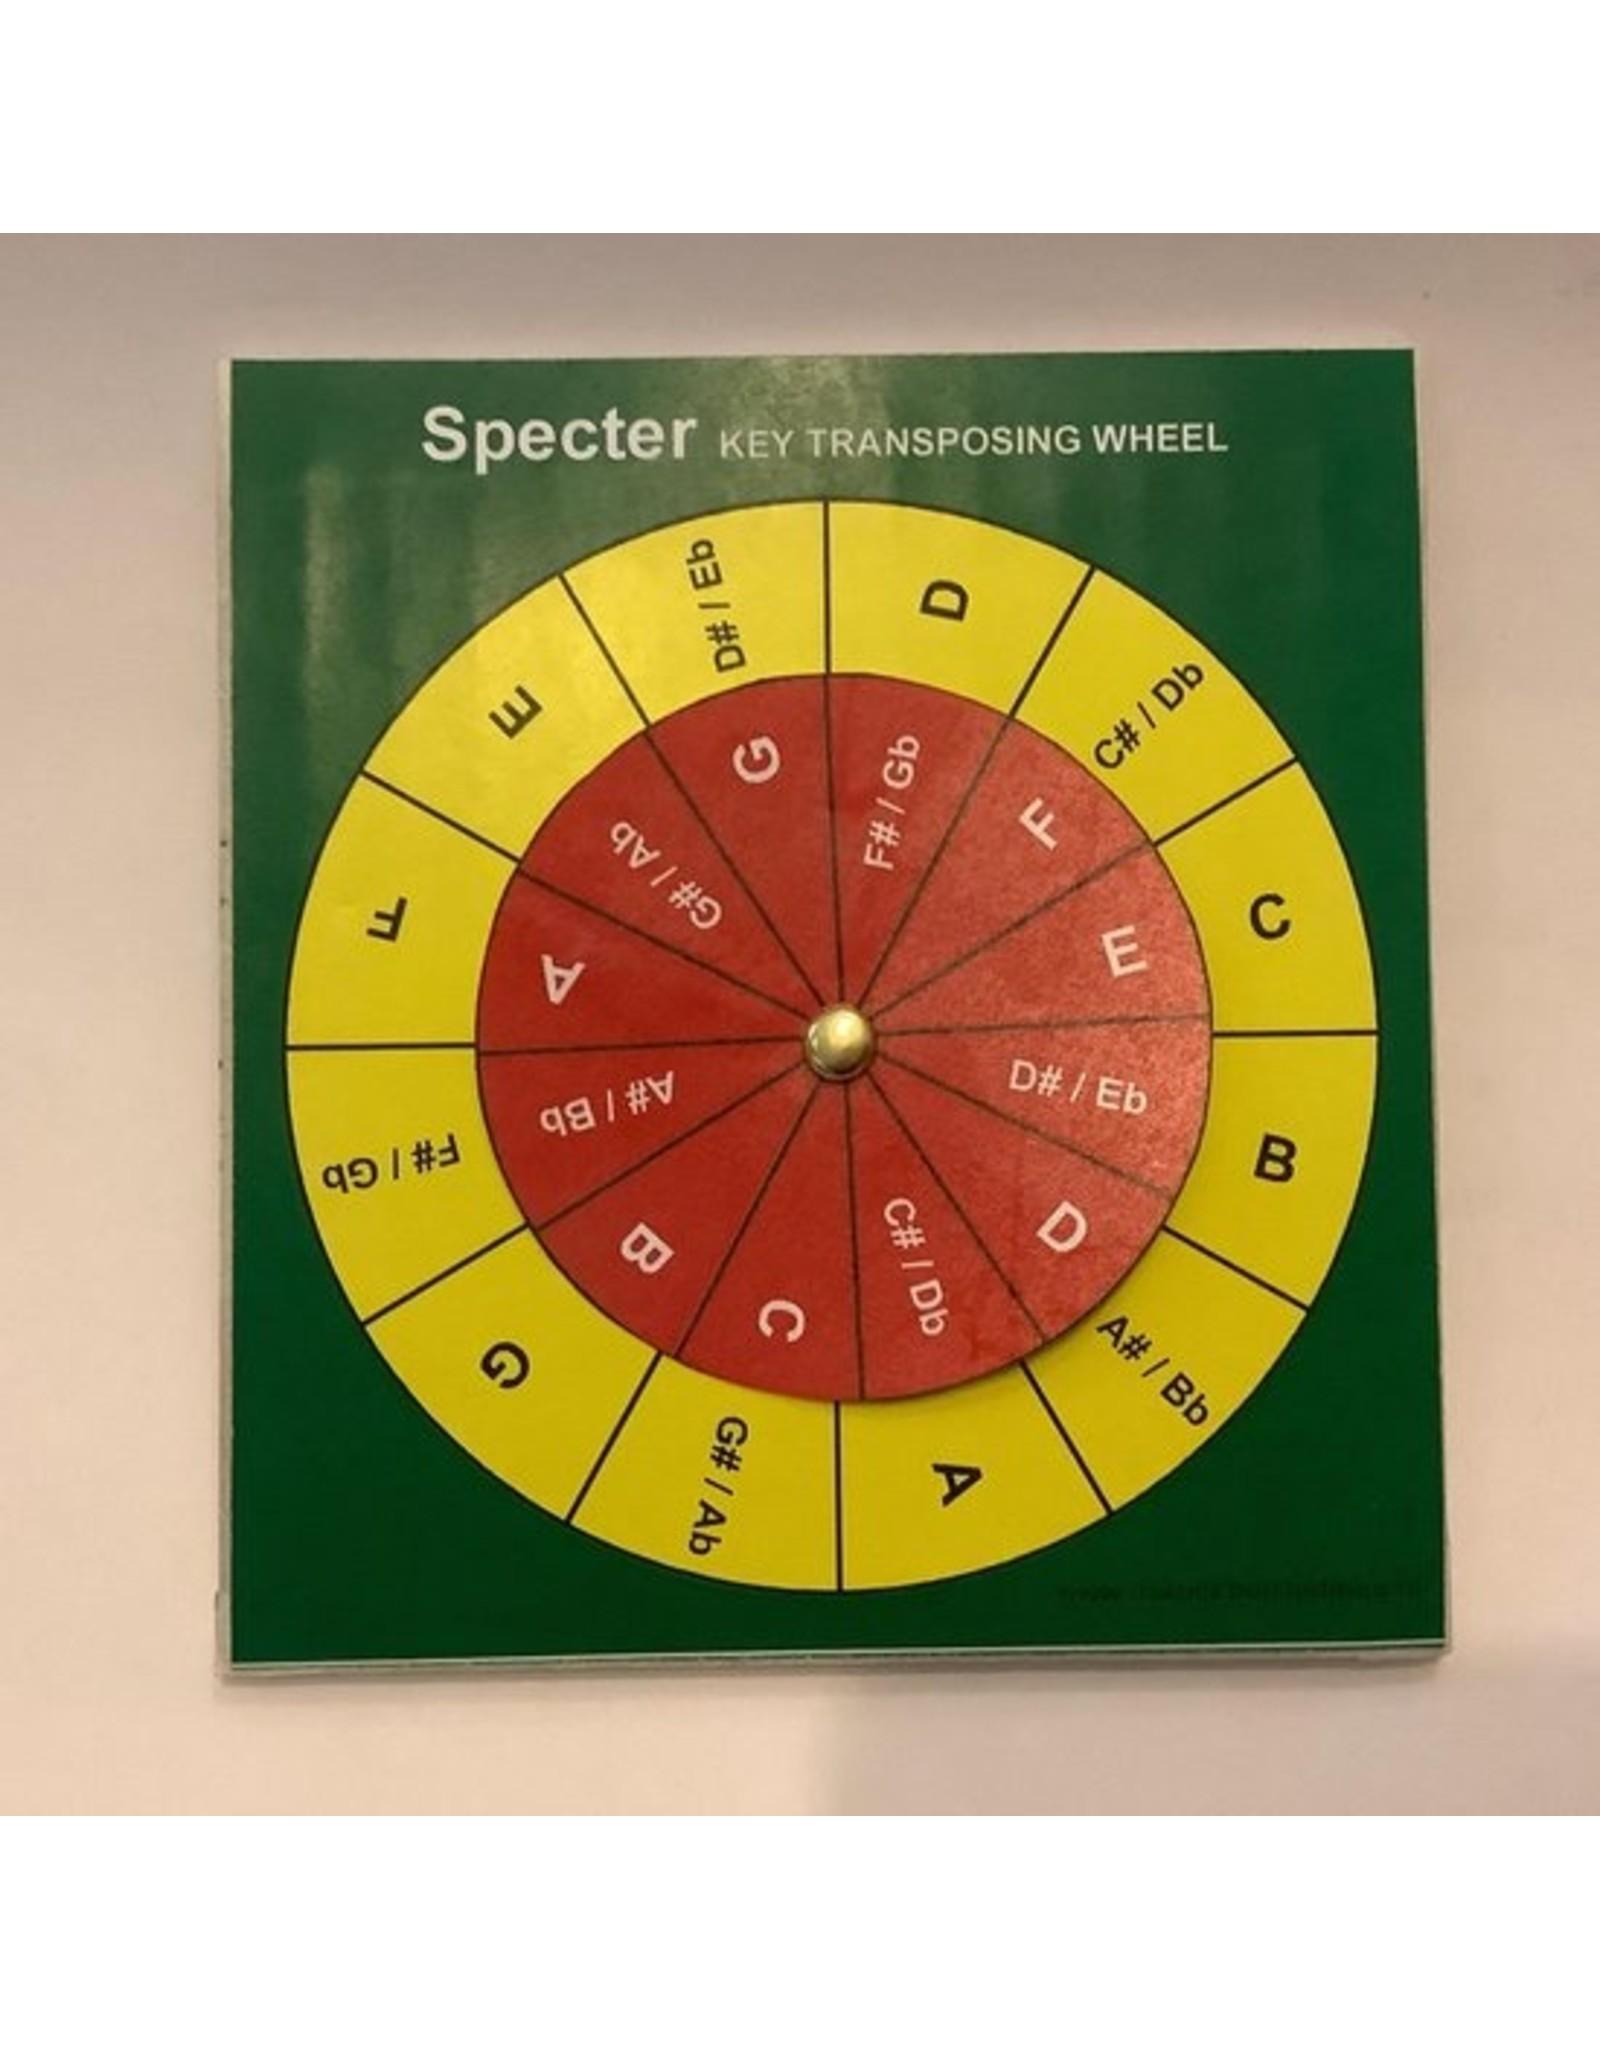 Specter Specter Transposing Wheel - Gemakkelijk omzetten van Muziekstukken en akkoorden - Muziek transponeren - Gitaar - piano - Keyboard - ukelele